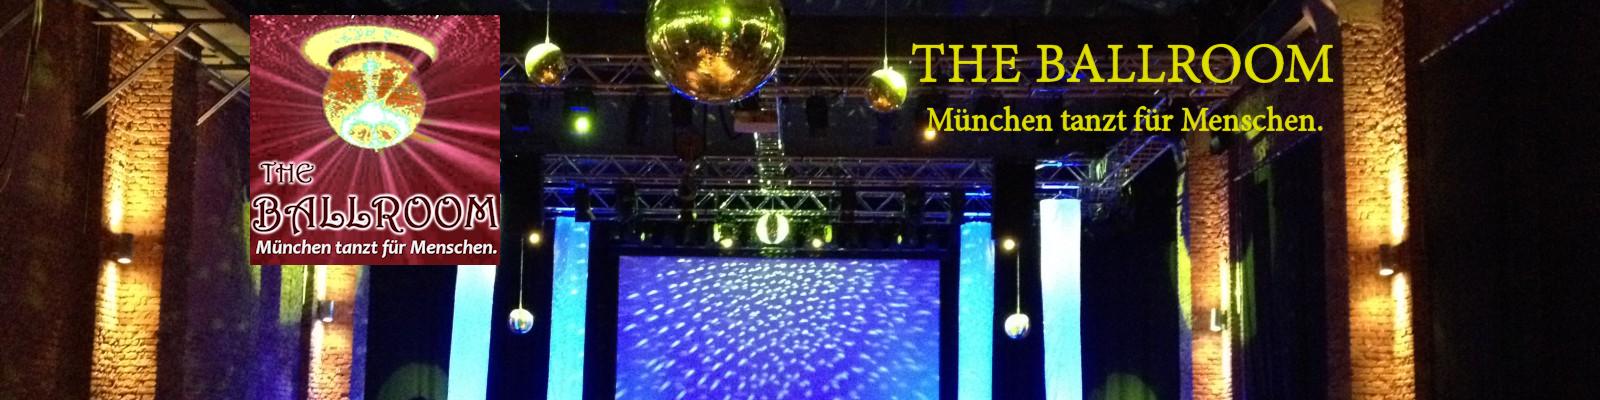 THE BALLROOM - München tanzt für Menschen.